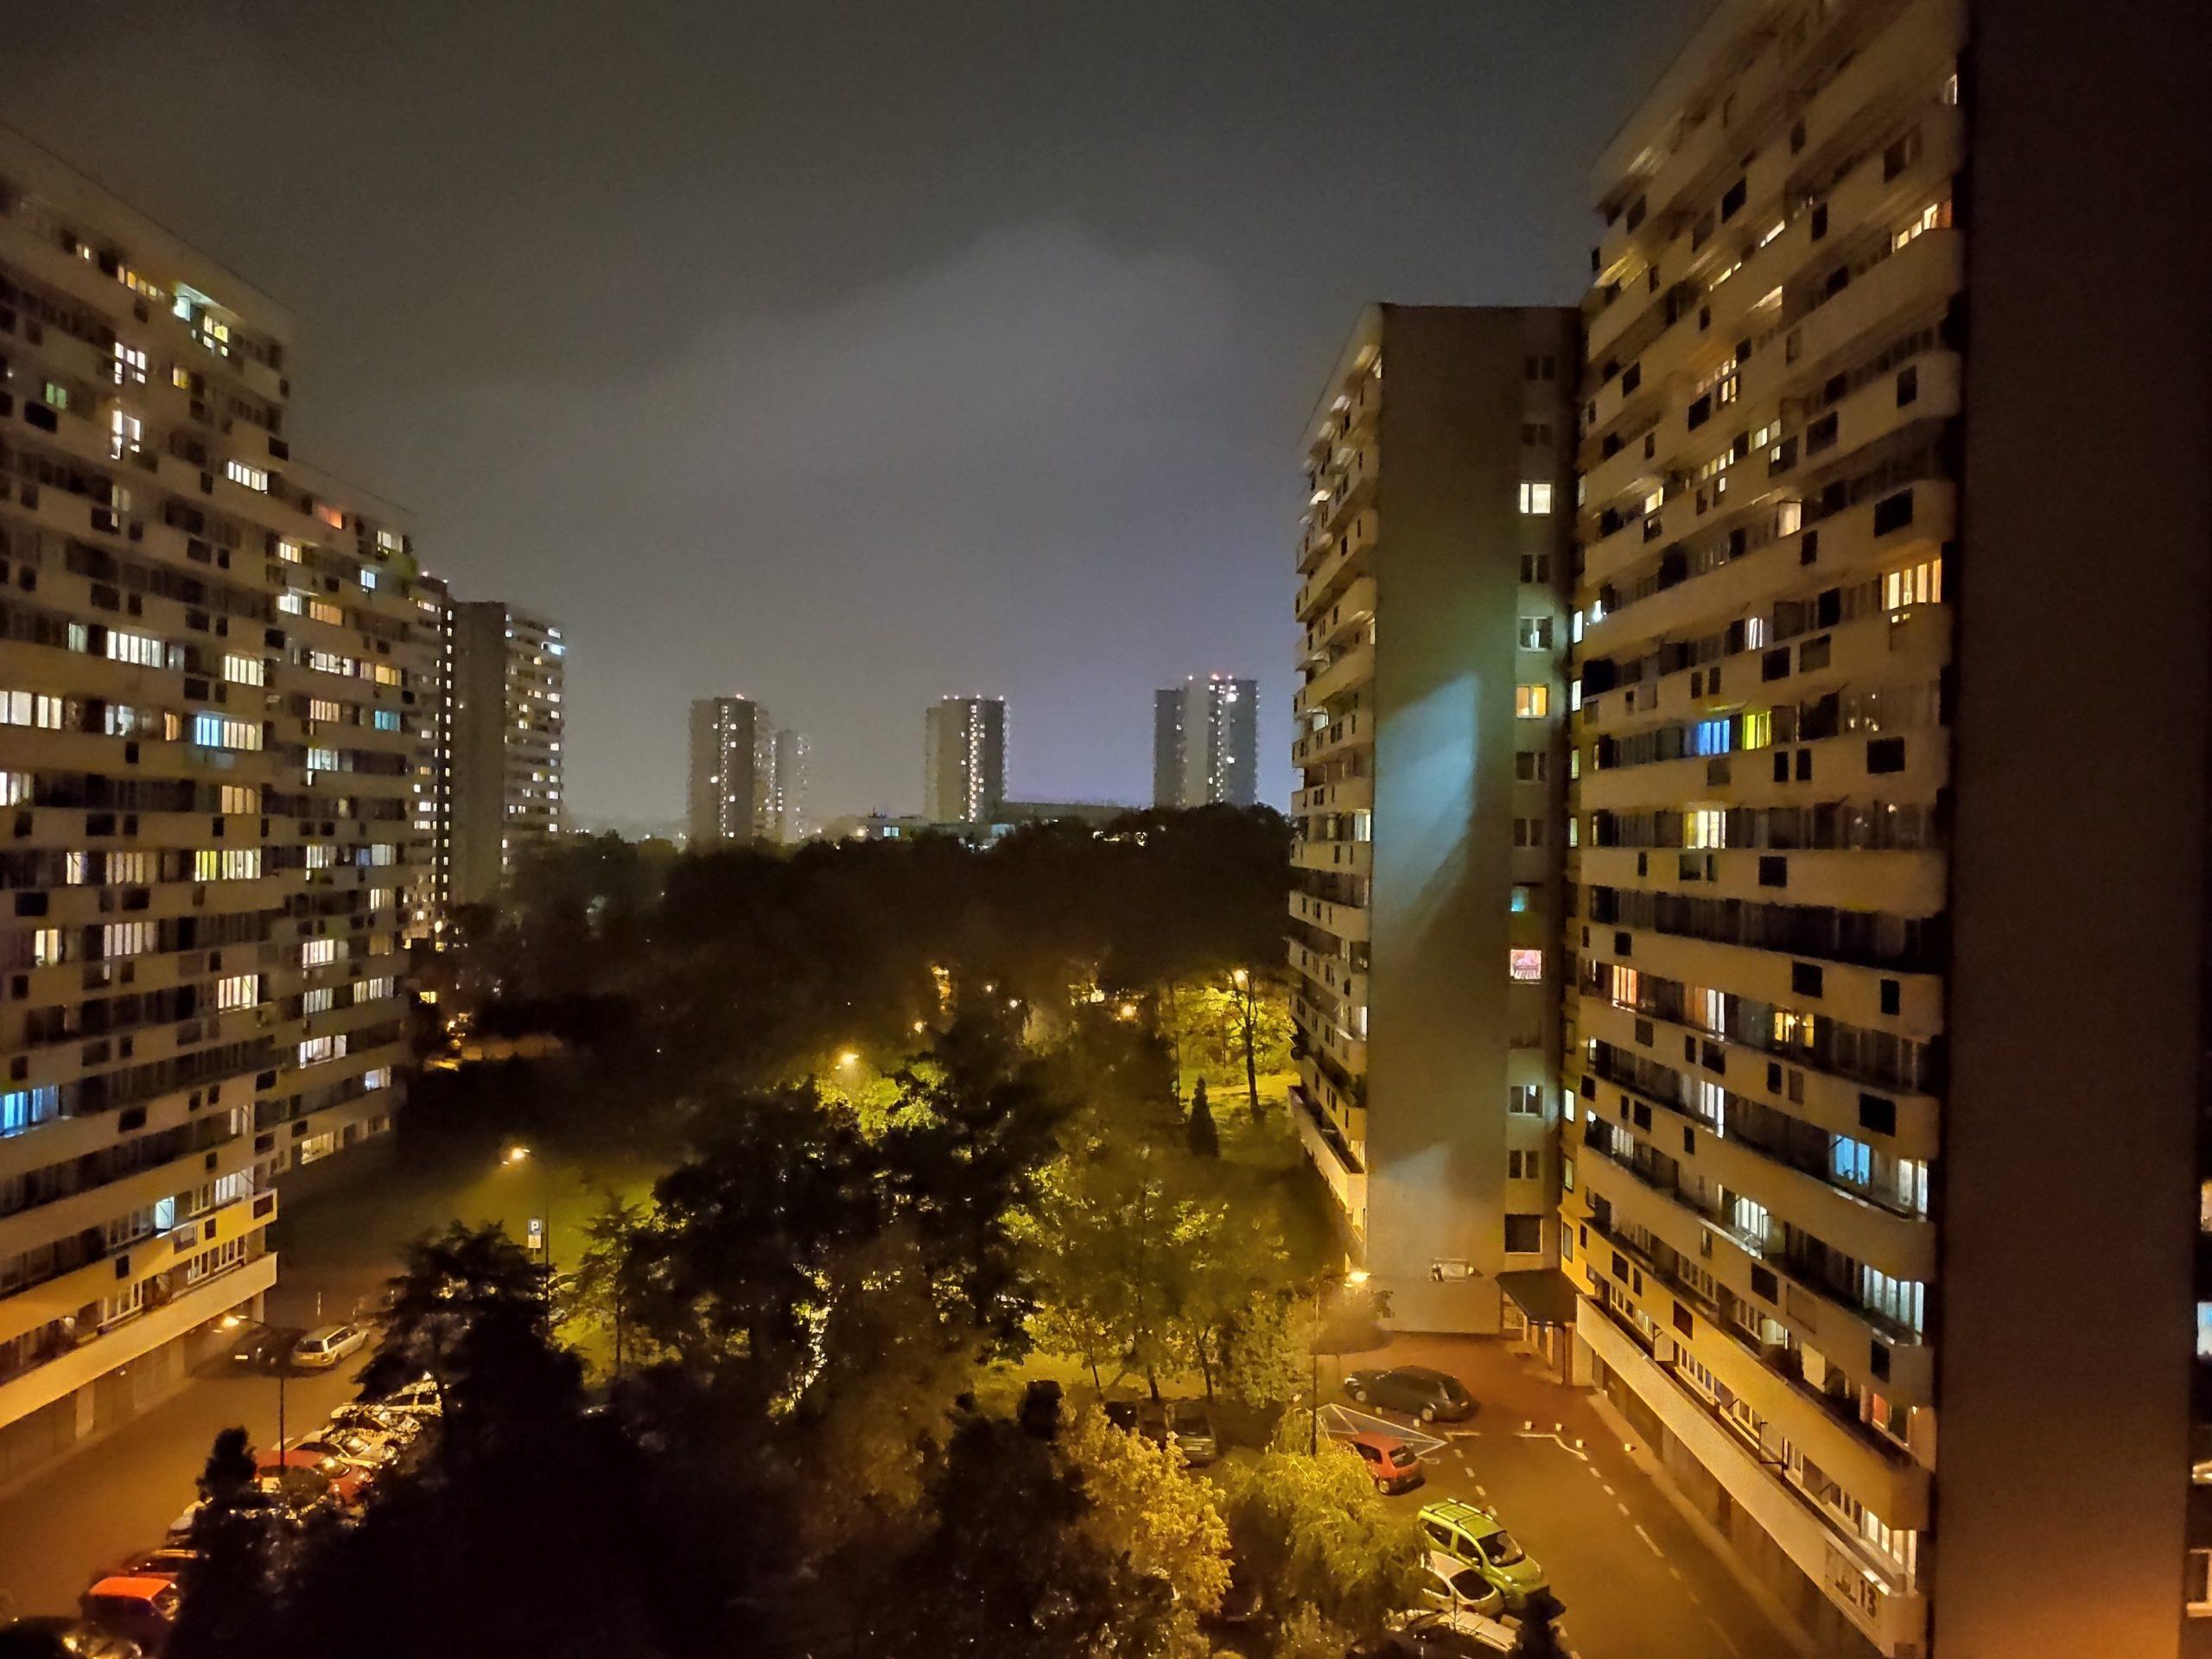 Zdjęcia nocne - Xiaomi Mi 9T